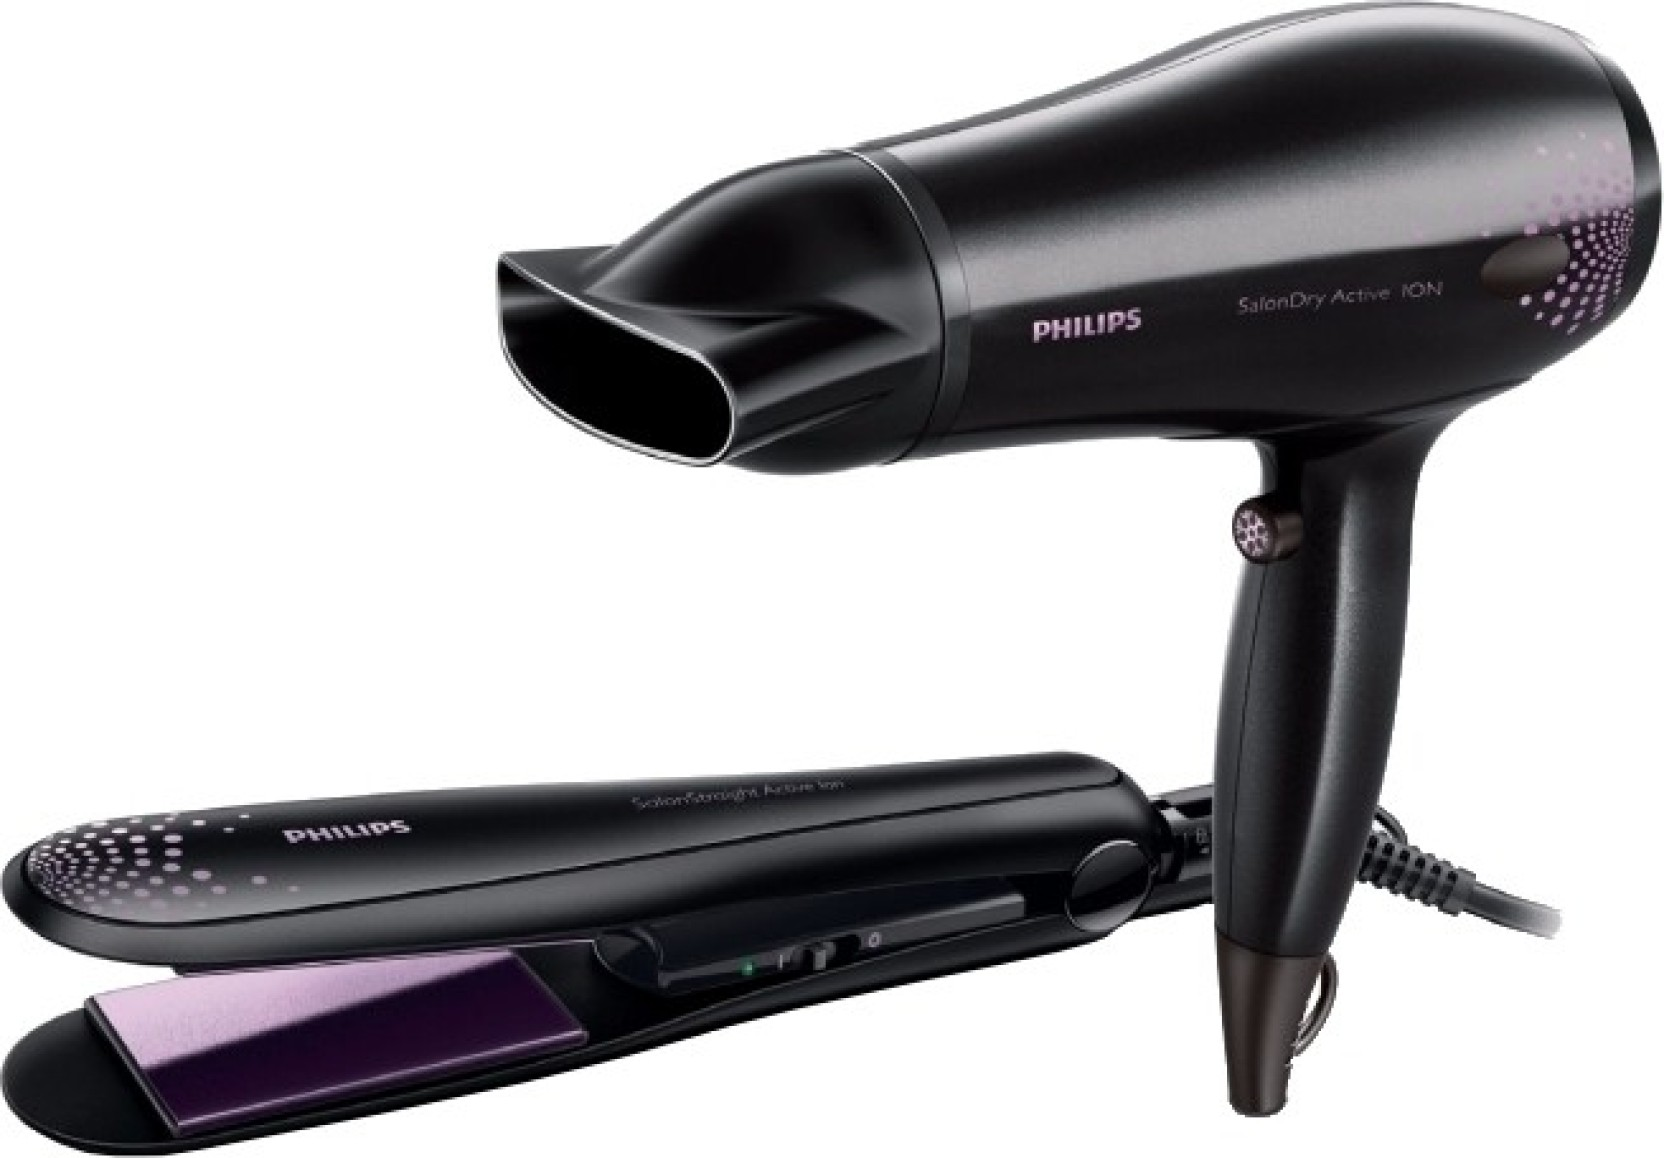 Philips Hp8299 Hair Dryer Philips Flipkart Com